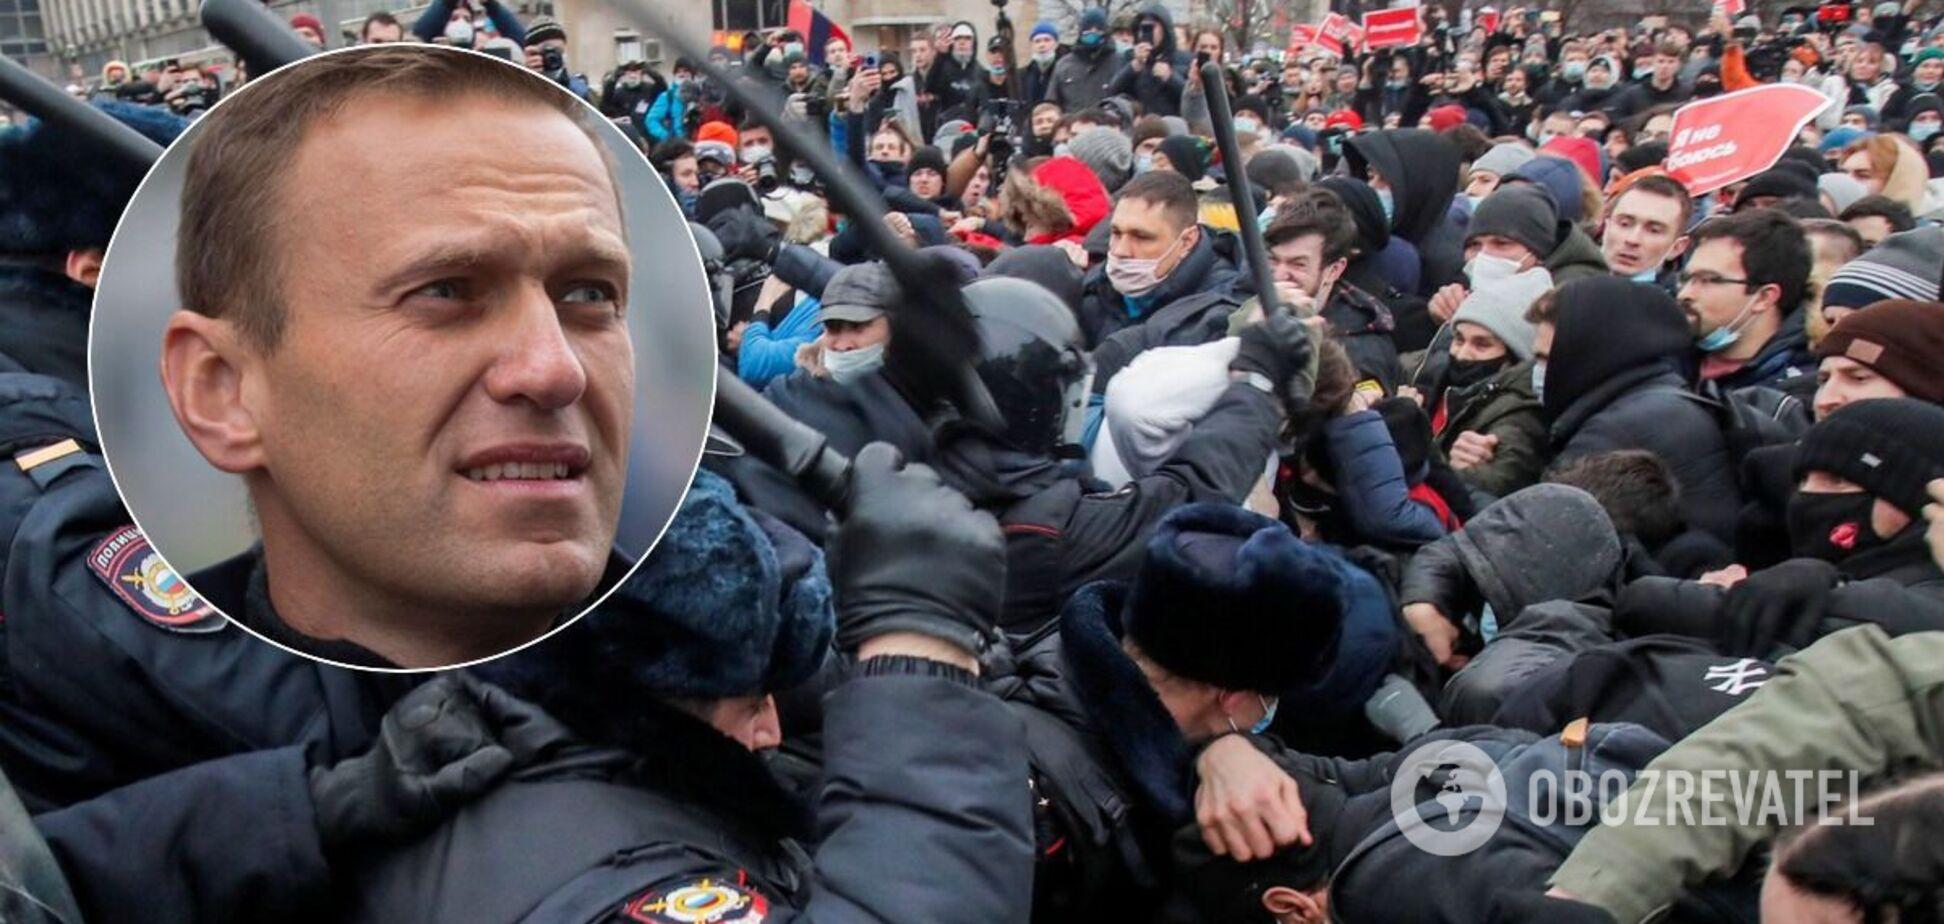 Русский марш, или Протесты по-русски